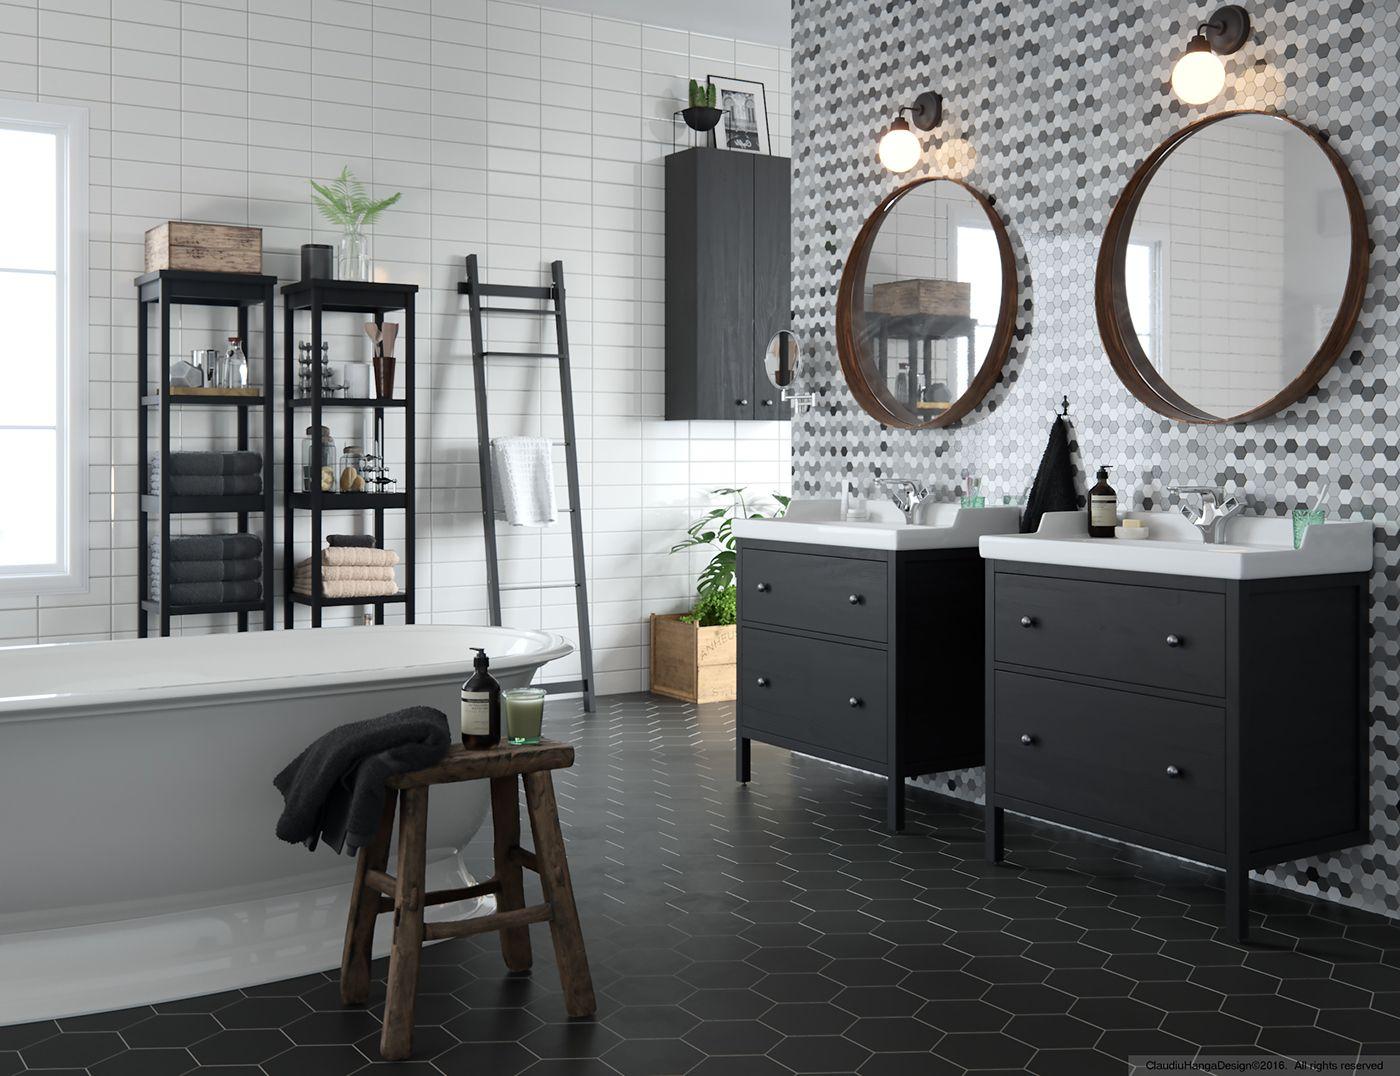 Ikea Bathroom on Behance   Ikea bathroom, Ikea, First ...